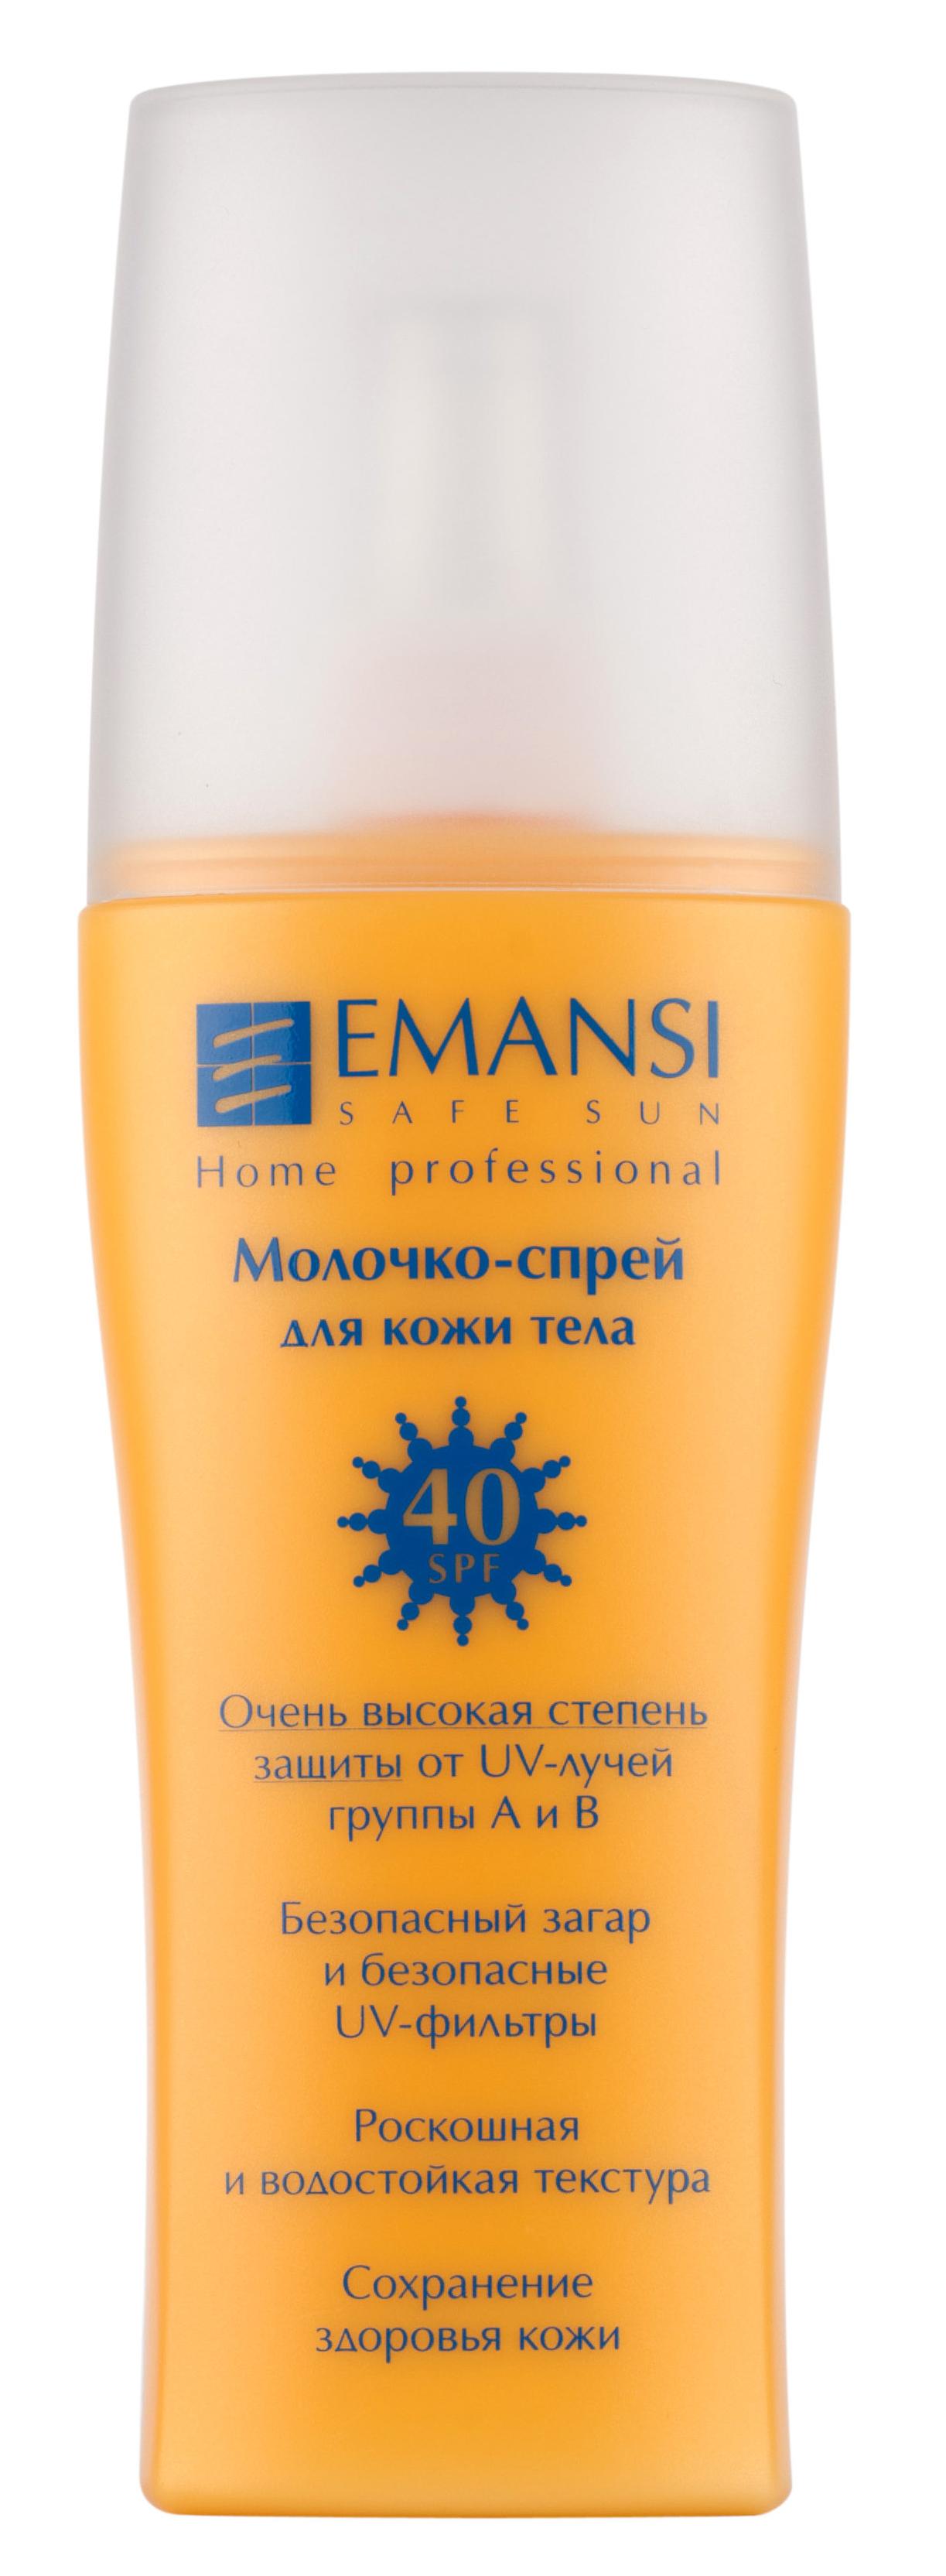 Emansi Молочко-спрей для кожи тела Safe sun SPF 40, 150 мл3304- Высокая степень защиты от UV-лучей группы А и В - Безопасный загар и безопасные UV-фильтры - Роскошная и водостойкая текстура - Сохранение здоровья кожи - Защищает от UV-лучей группы А и В благодаря включению безопасных UV-фильтров - Устойчиво к действию воды и пота - Подходит для любой, в том числе и чувствительной кожи